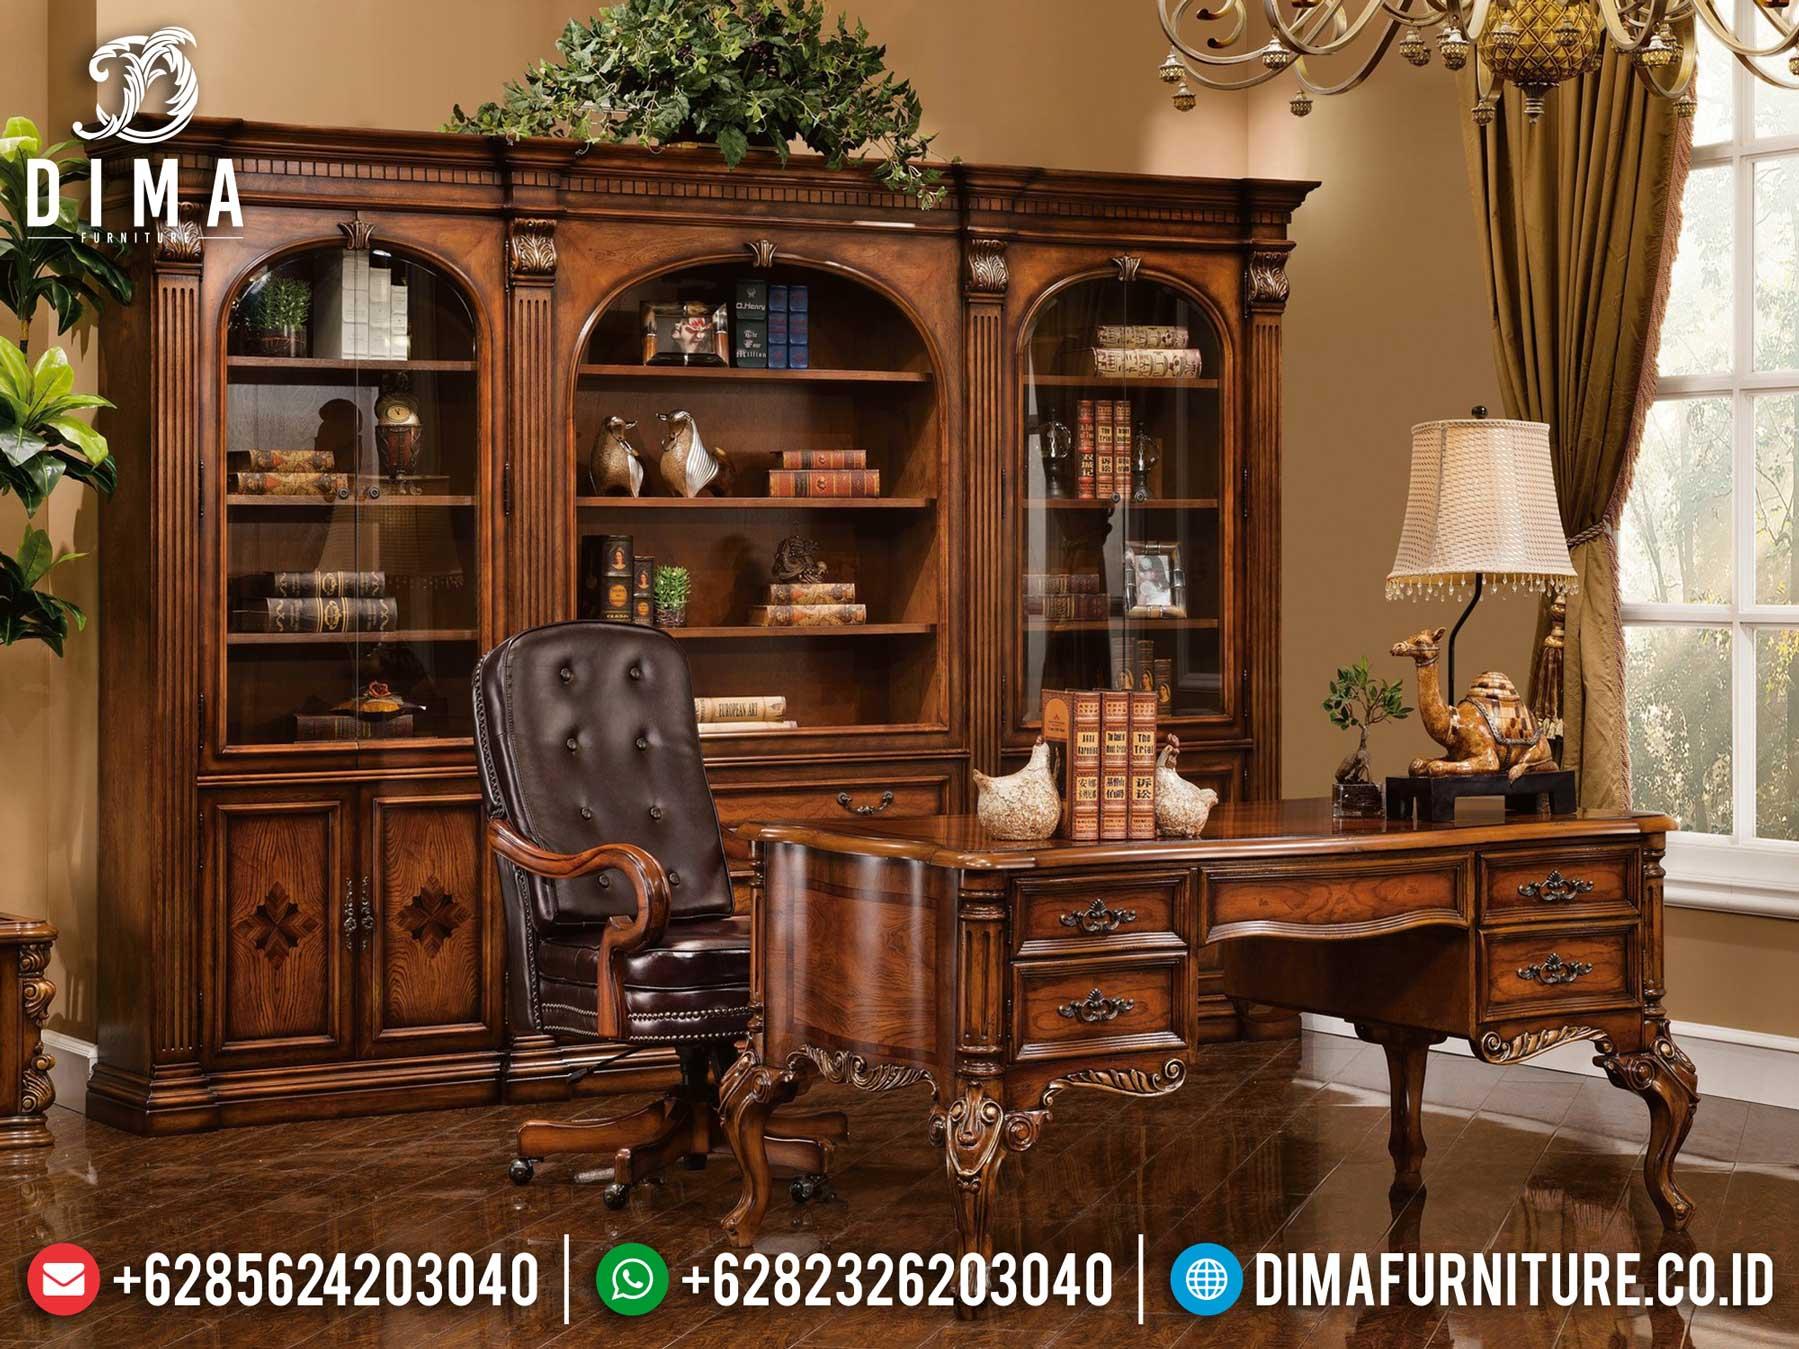 Harga Meja Kantor Mewah Natural Jati Luxury Classic Carving Jepara TTJ-1307